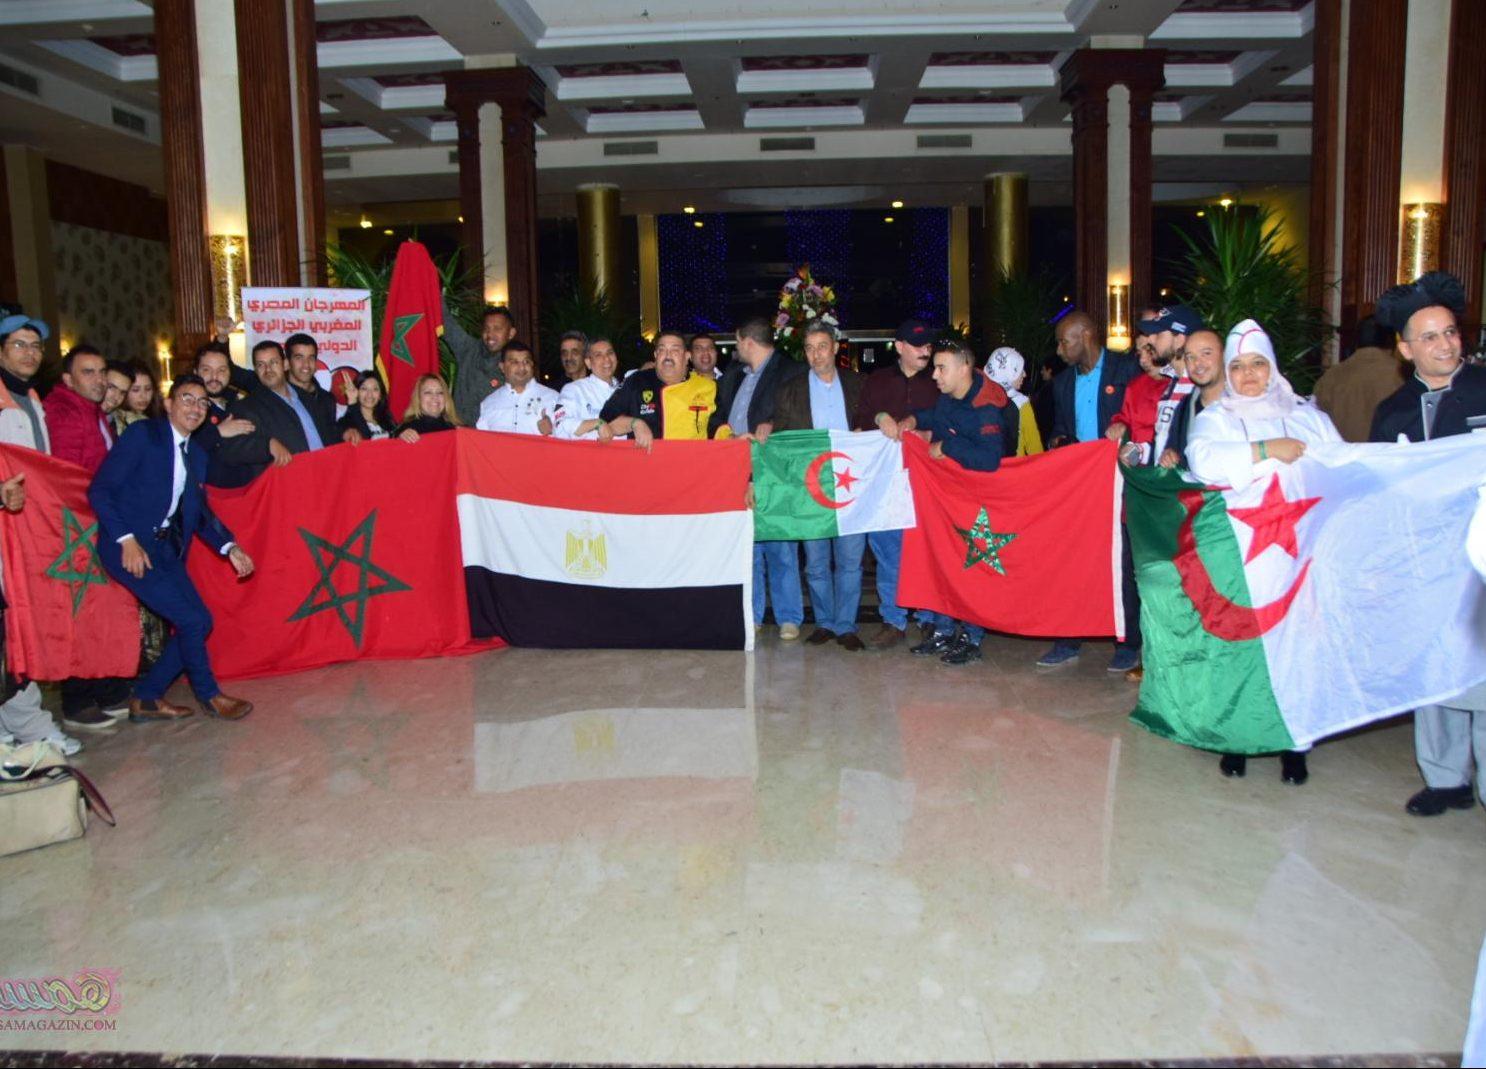 بالصور.. إفتتاح المهرجان المصري المغربي الجزائري الدولي الأول للطهاة